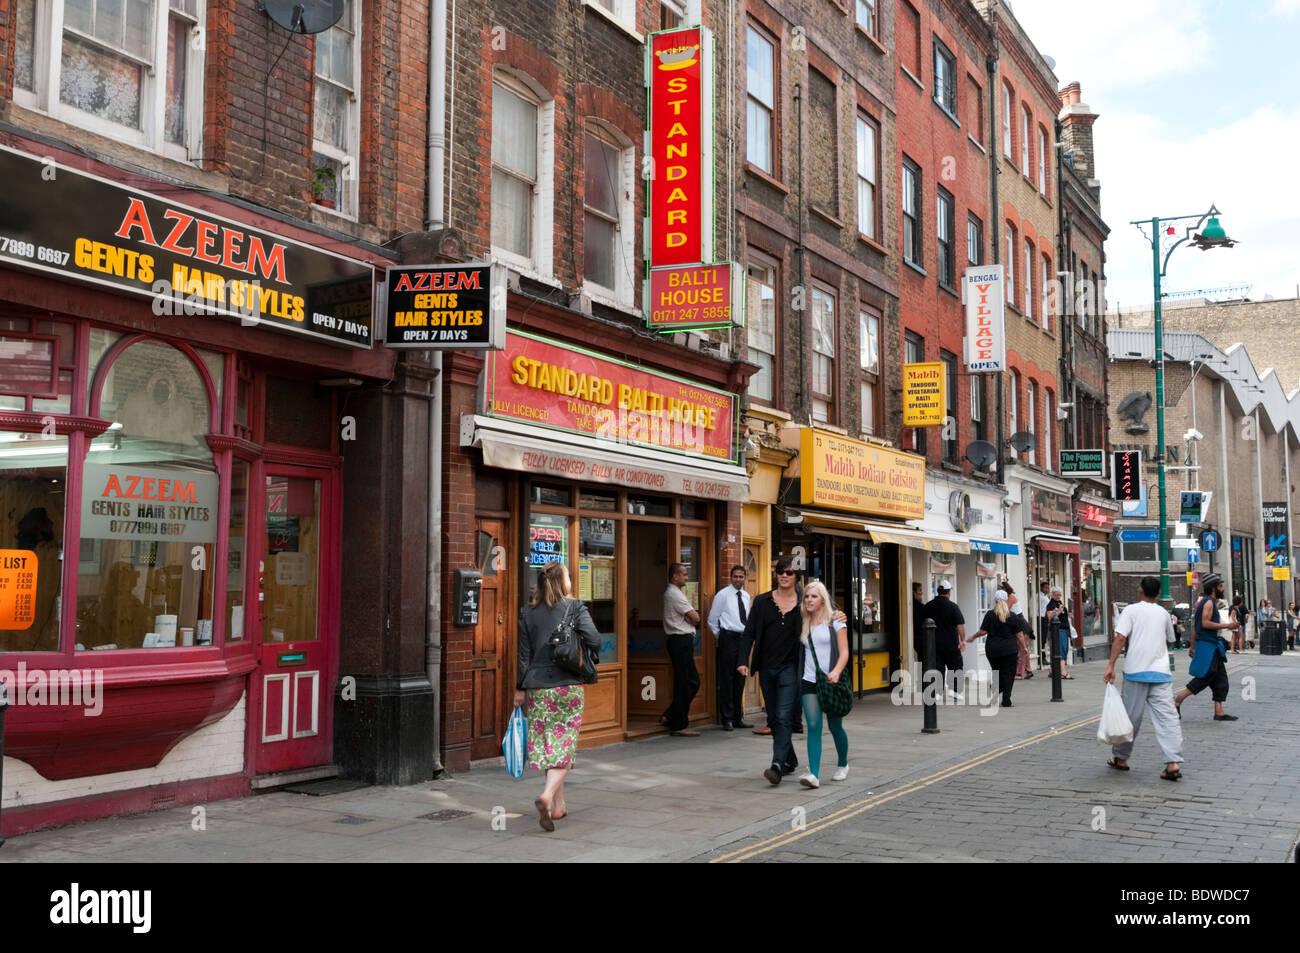 Brick Lane, Tower Hamlets, London, England, UK - Stock Image